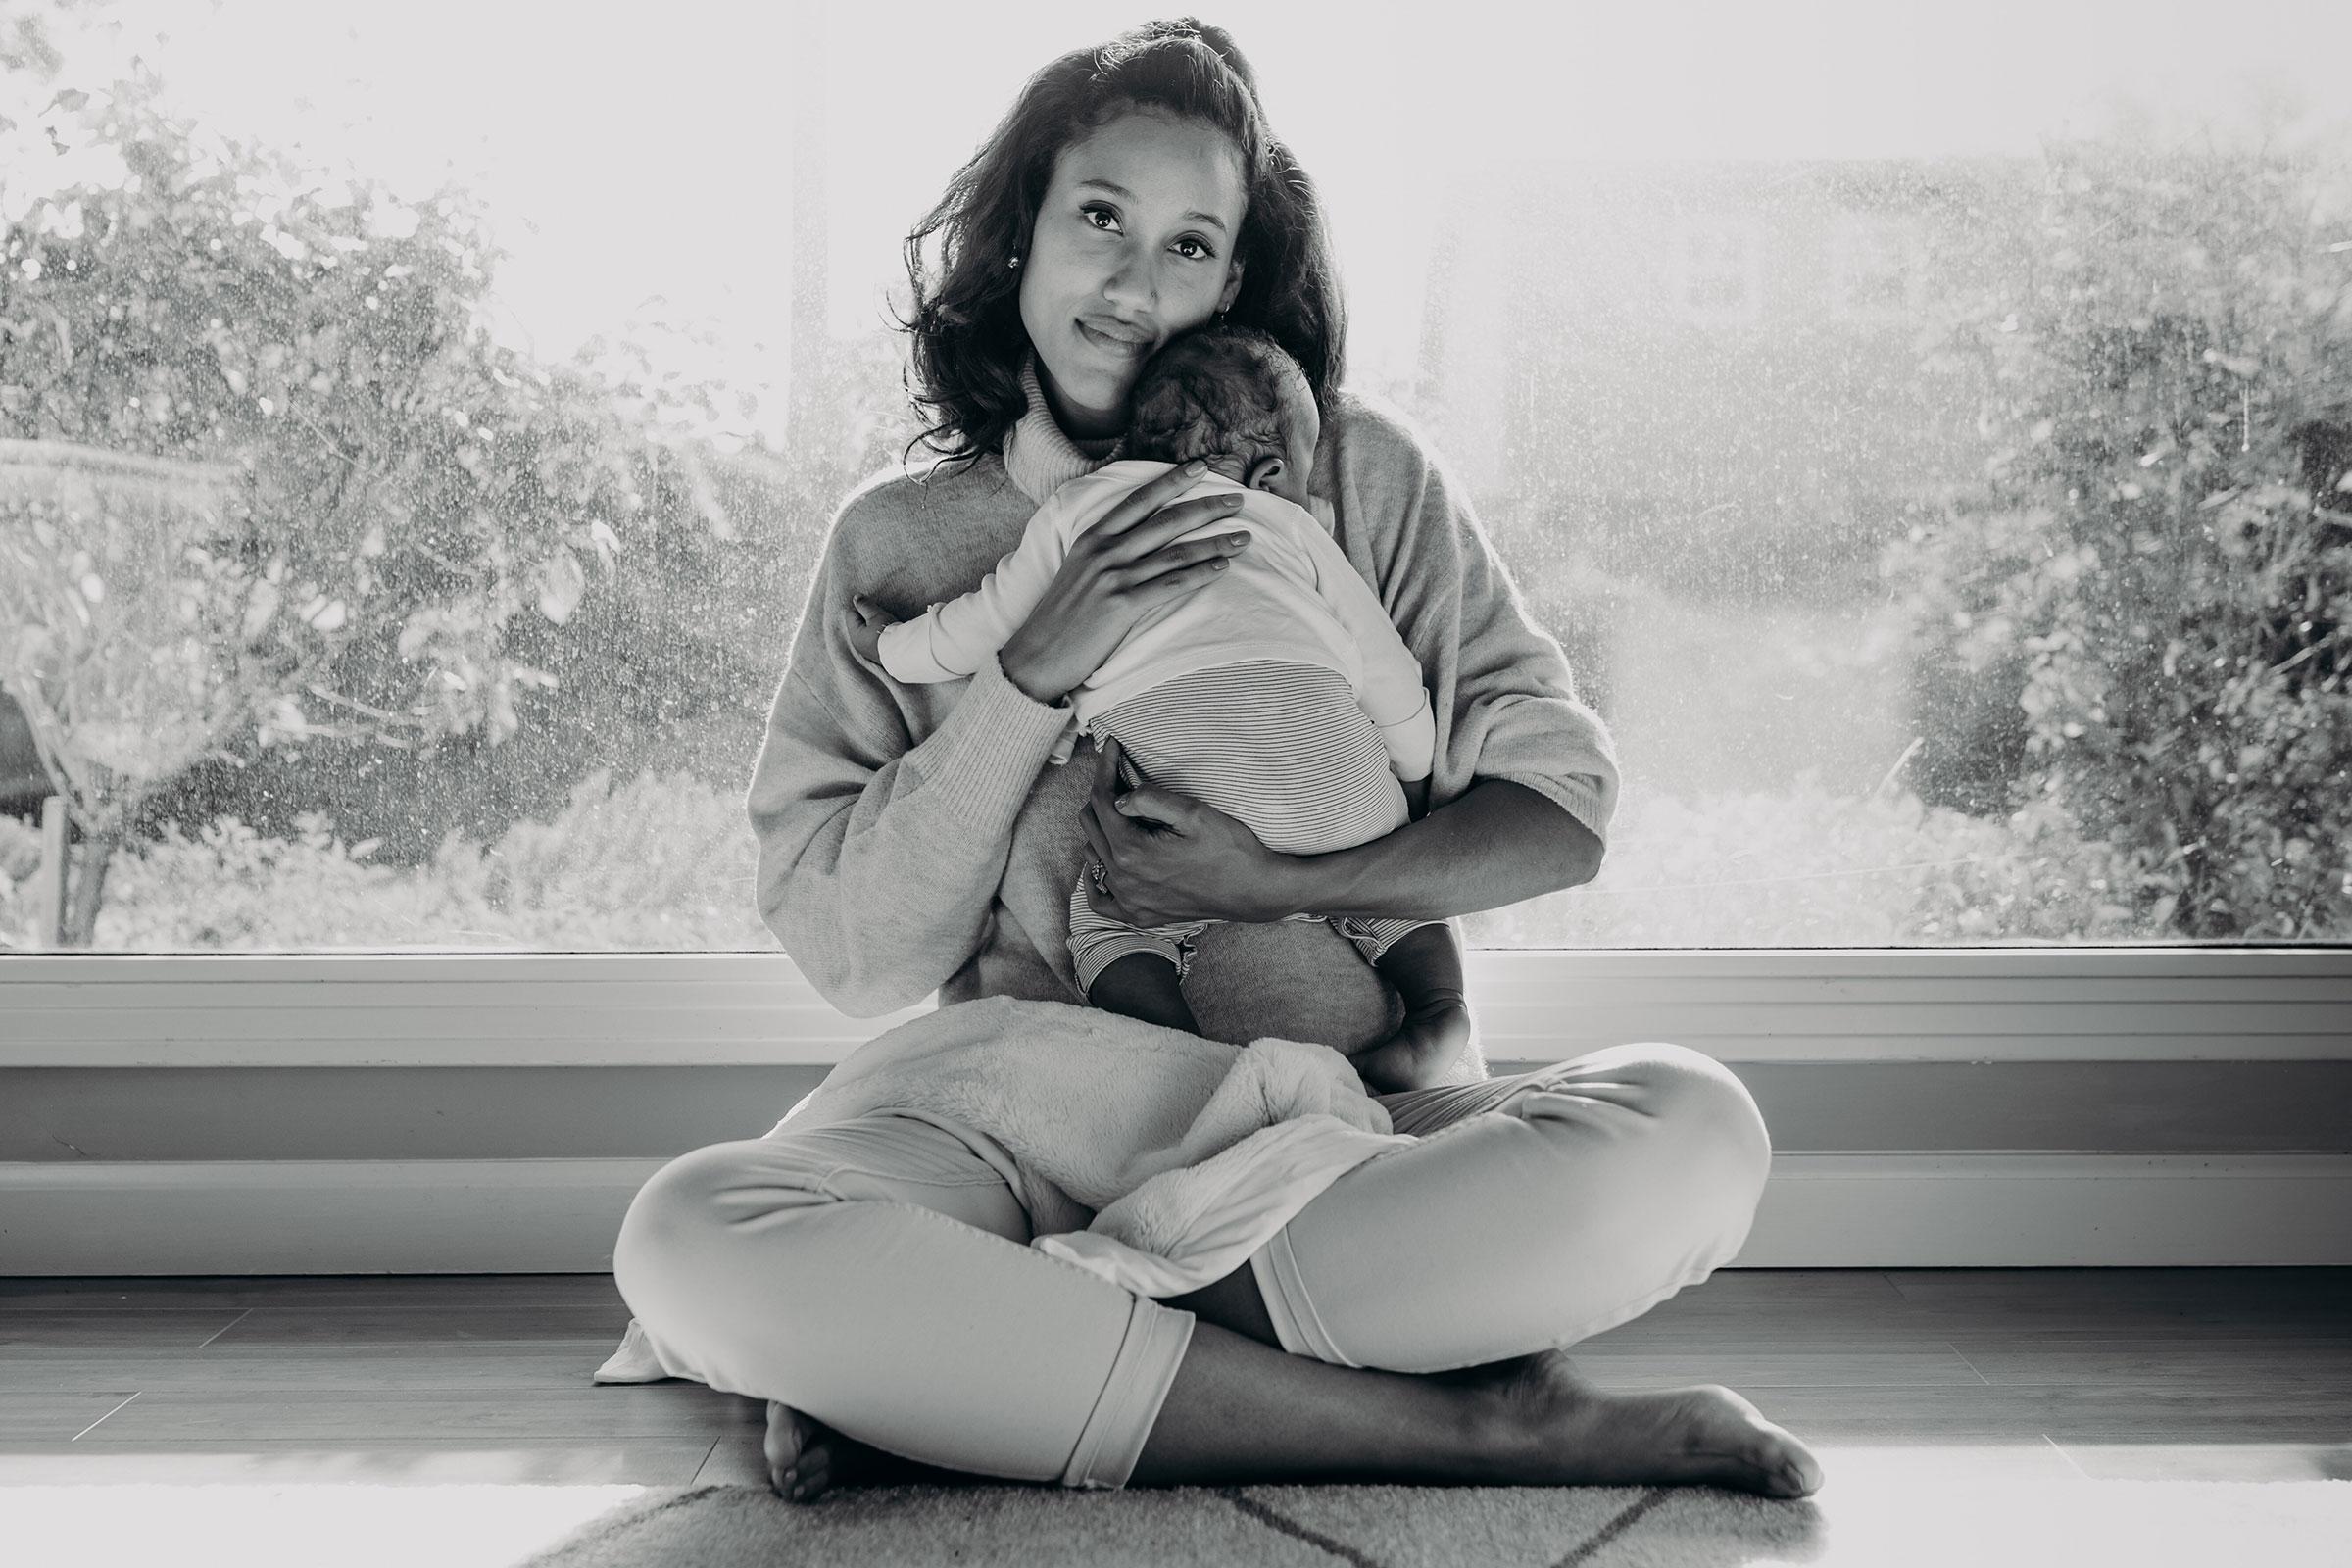 Anna Malaika Tubbs and her son.